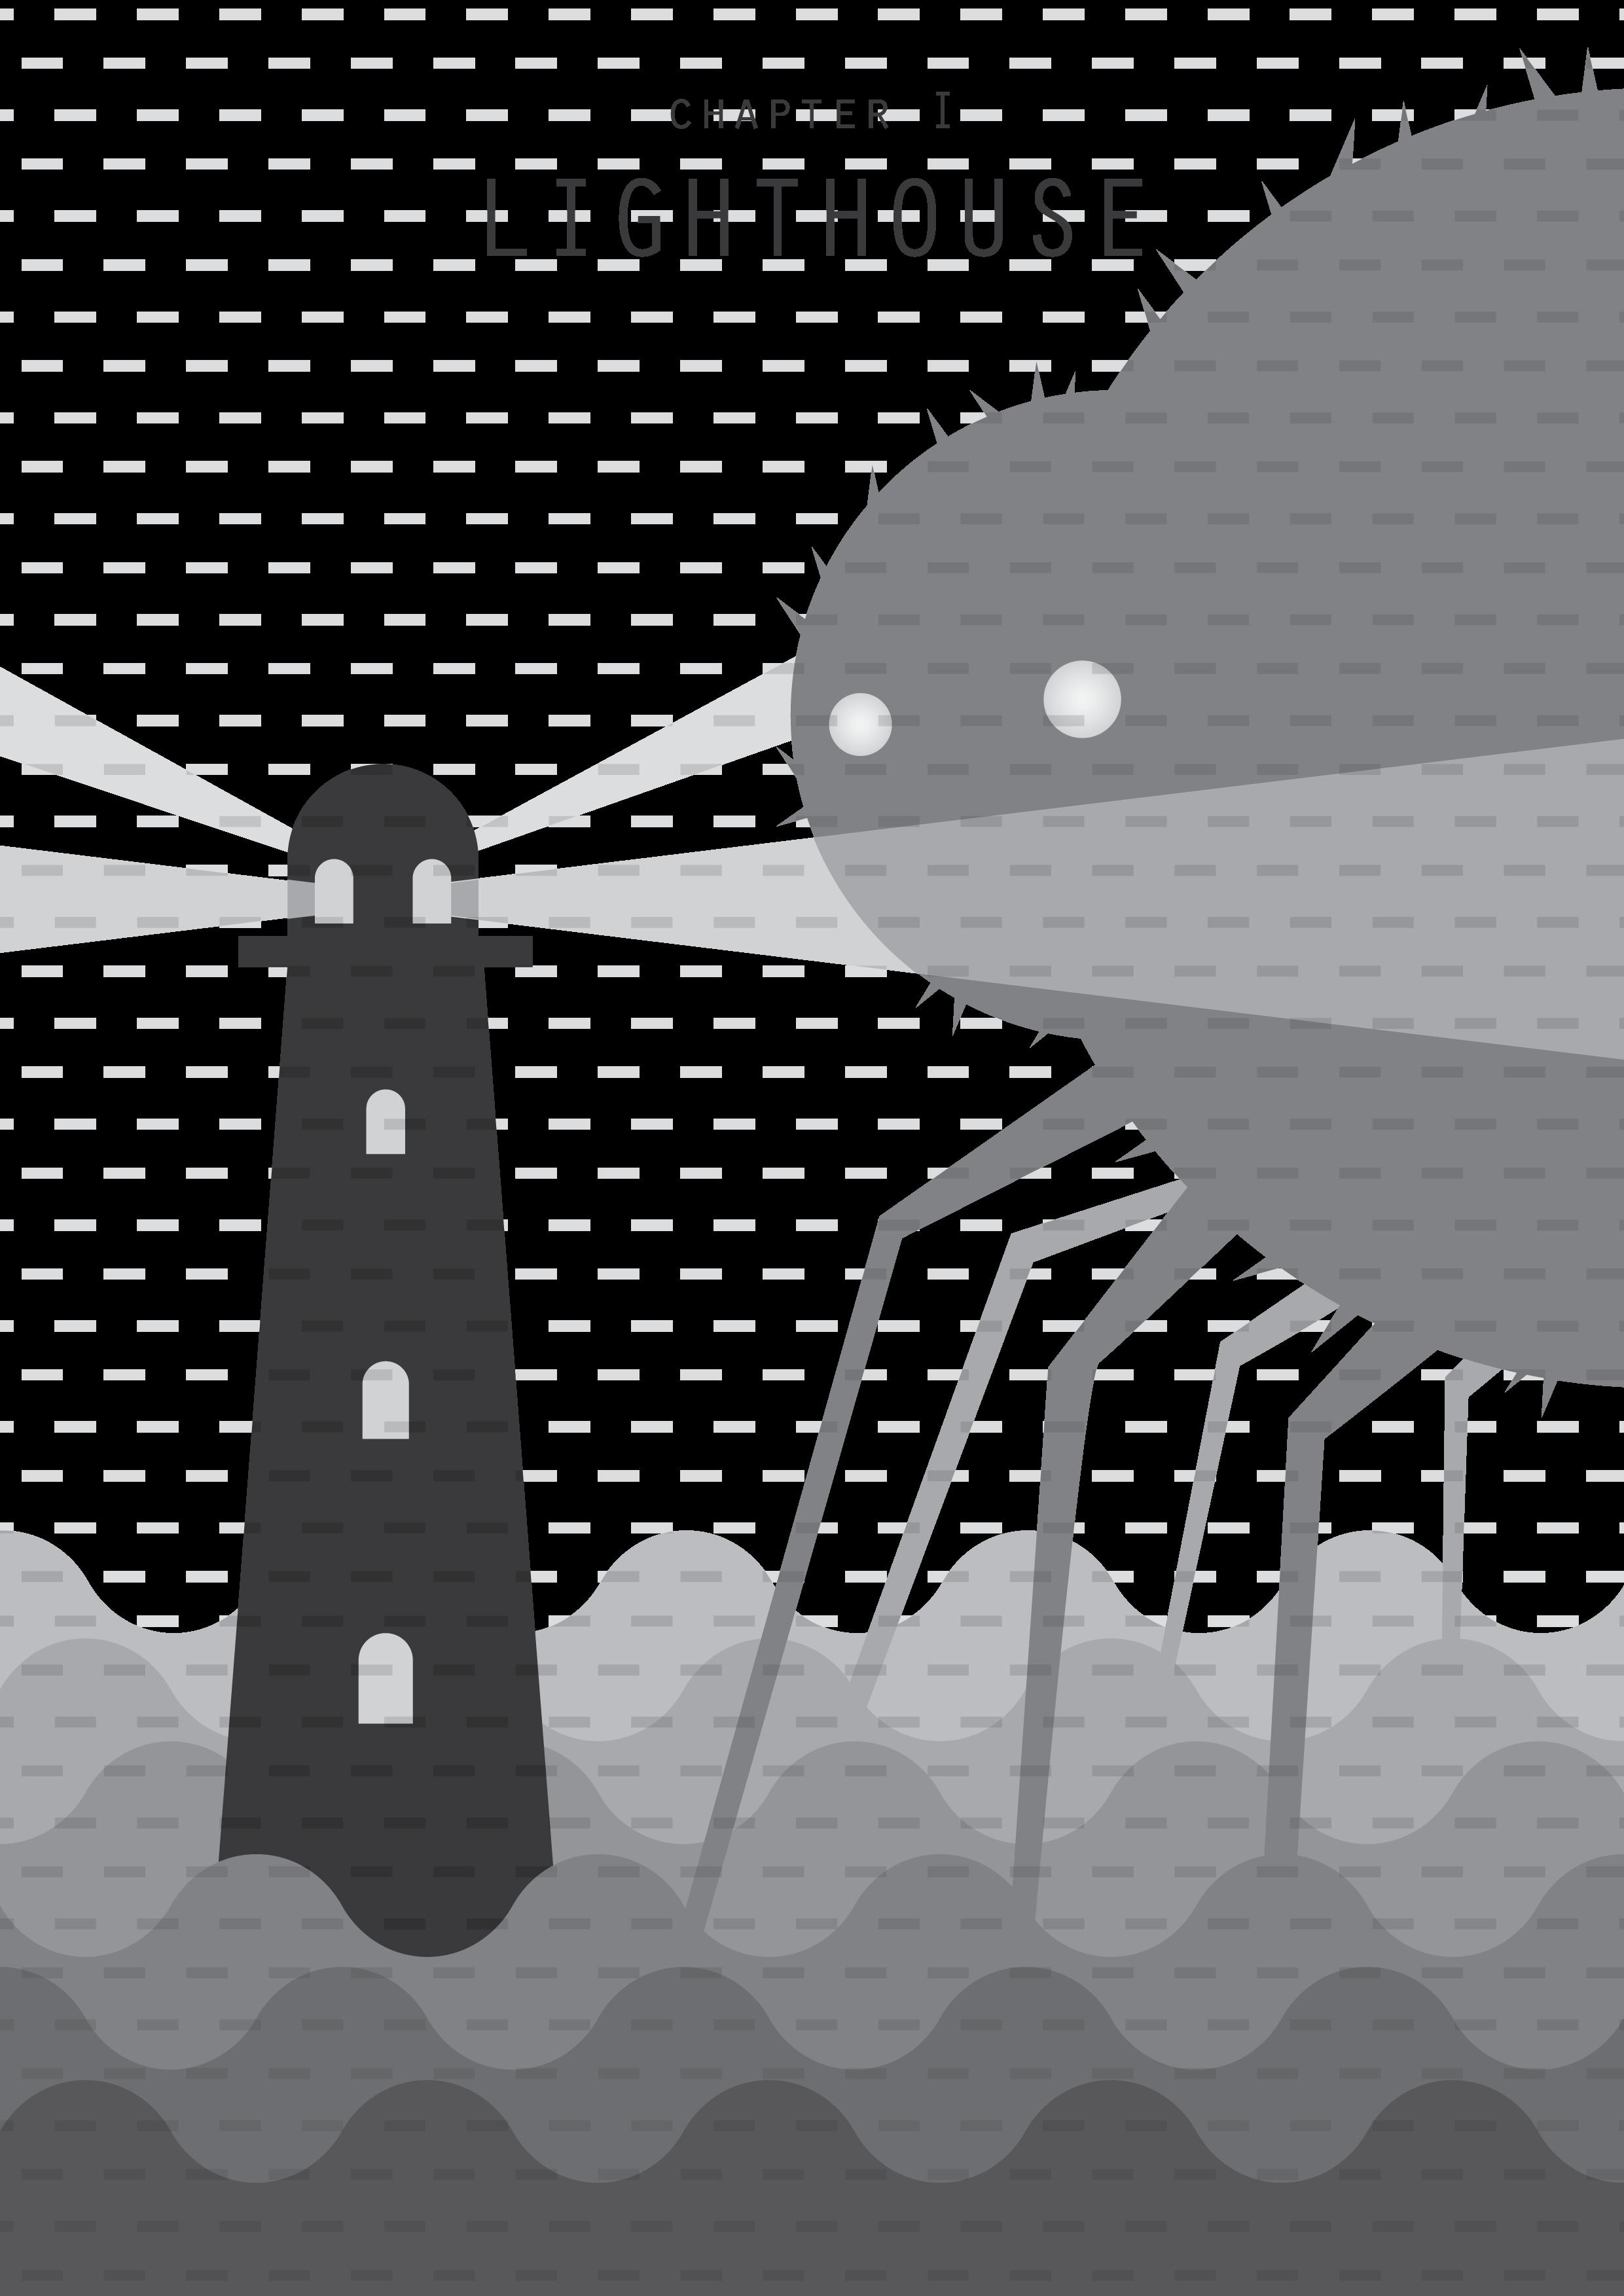 spider lighthouse book chapter cover art fog mist vector art illustration graphics design digital minimal design graphic design illustrator grafica denis bettio